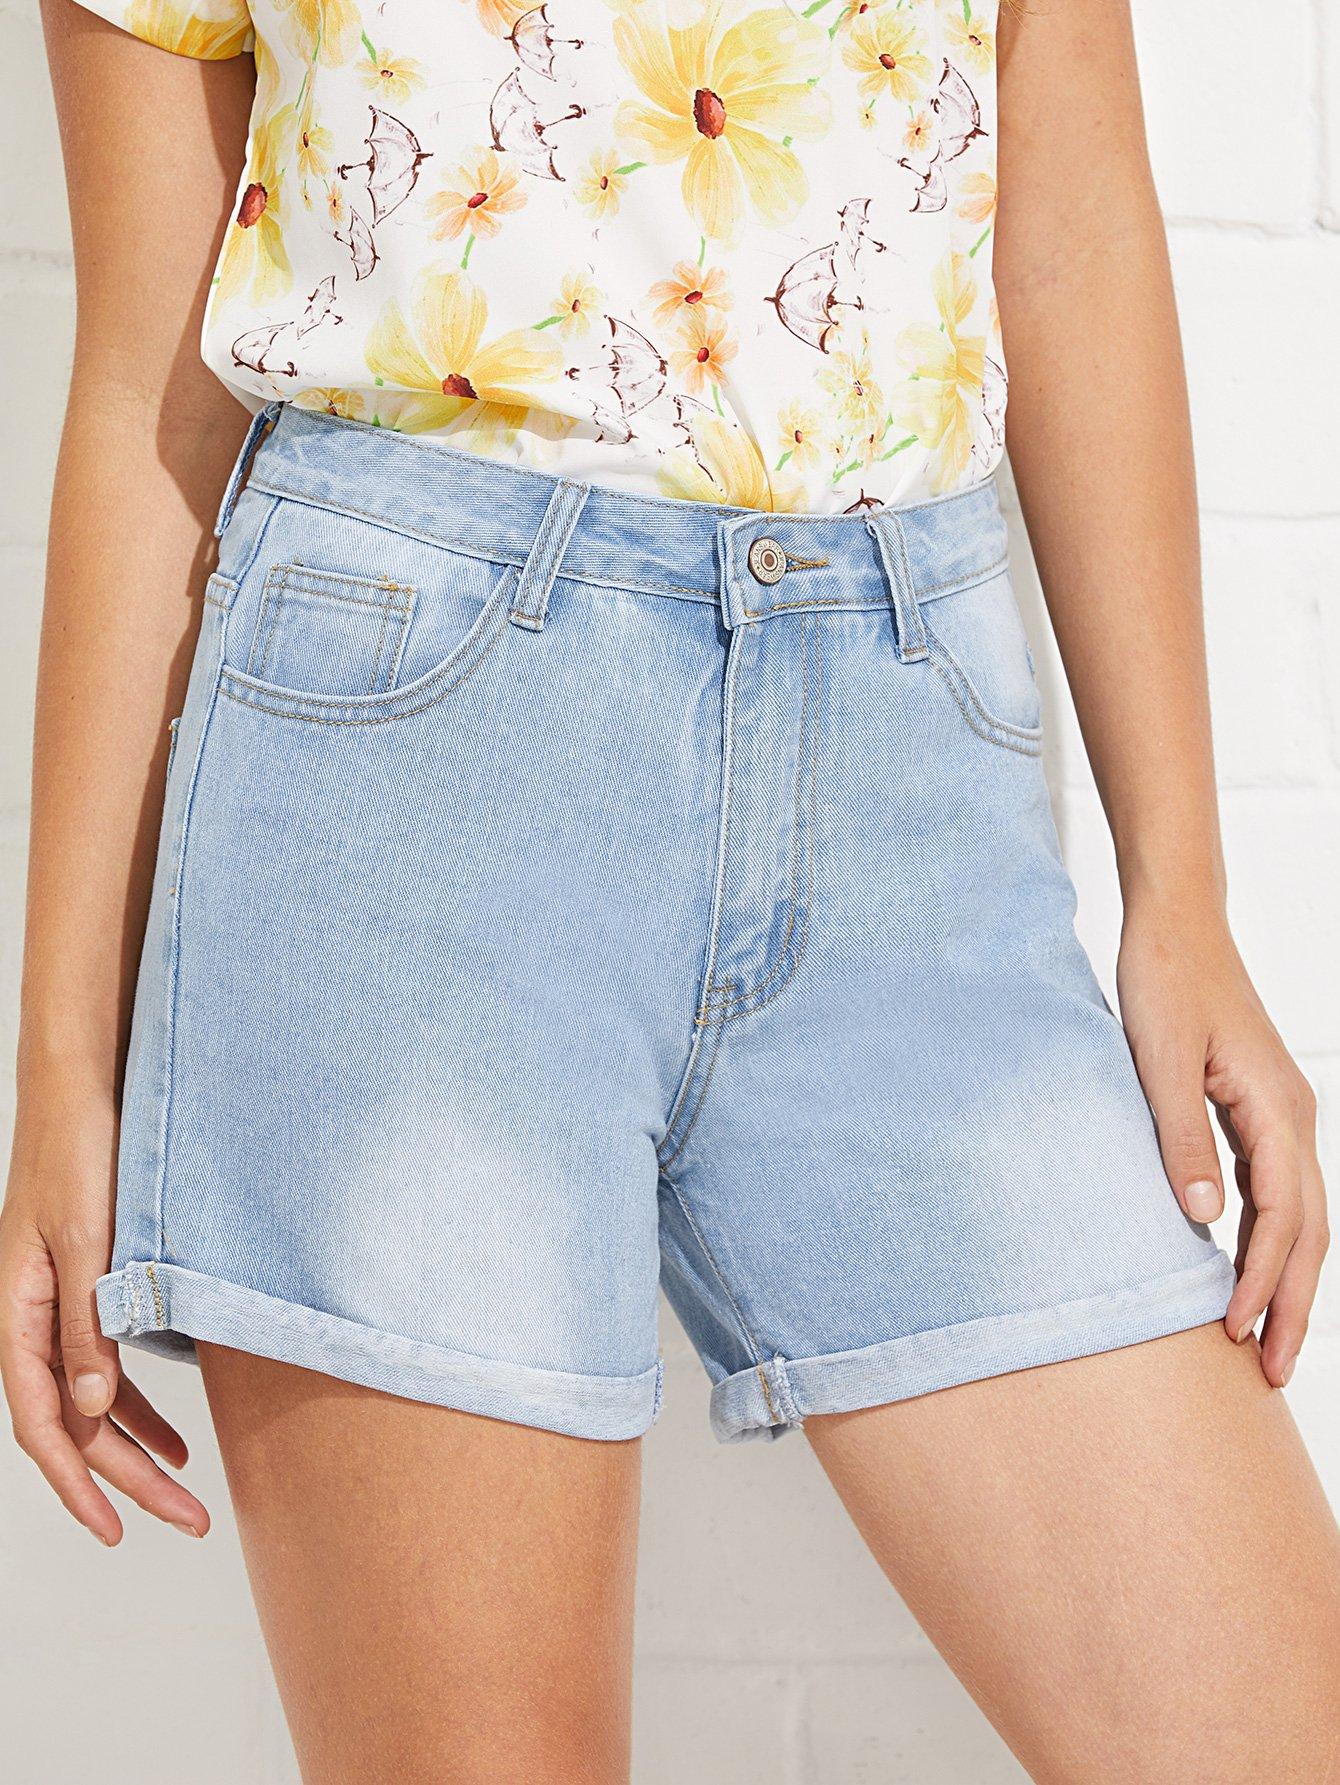 Bleach Wash Cuffed Denim Shorts stylish women s lace embellised bleach wash denim shorts